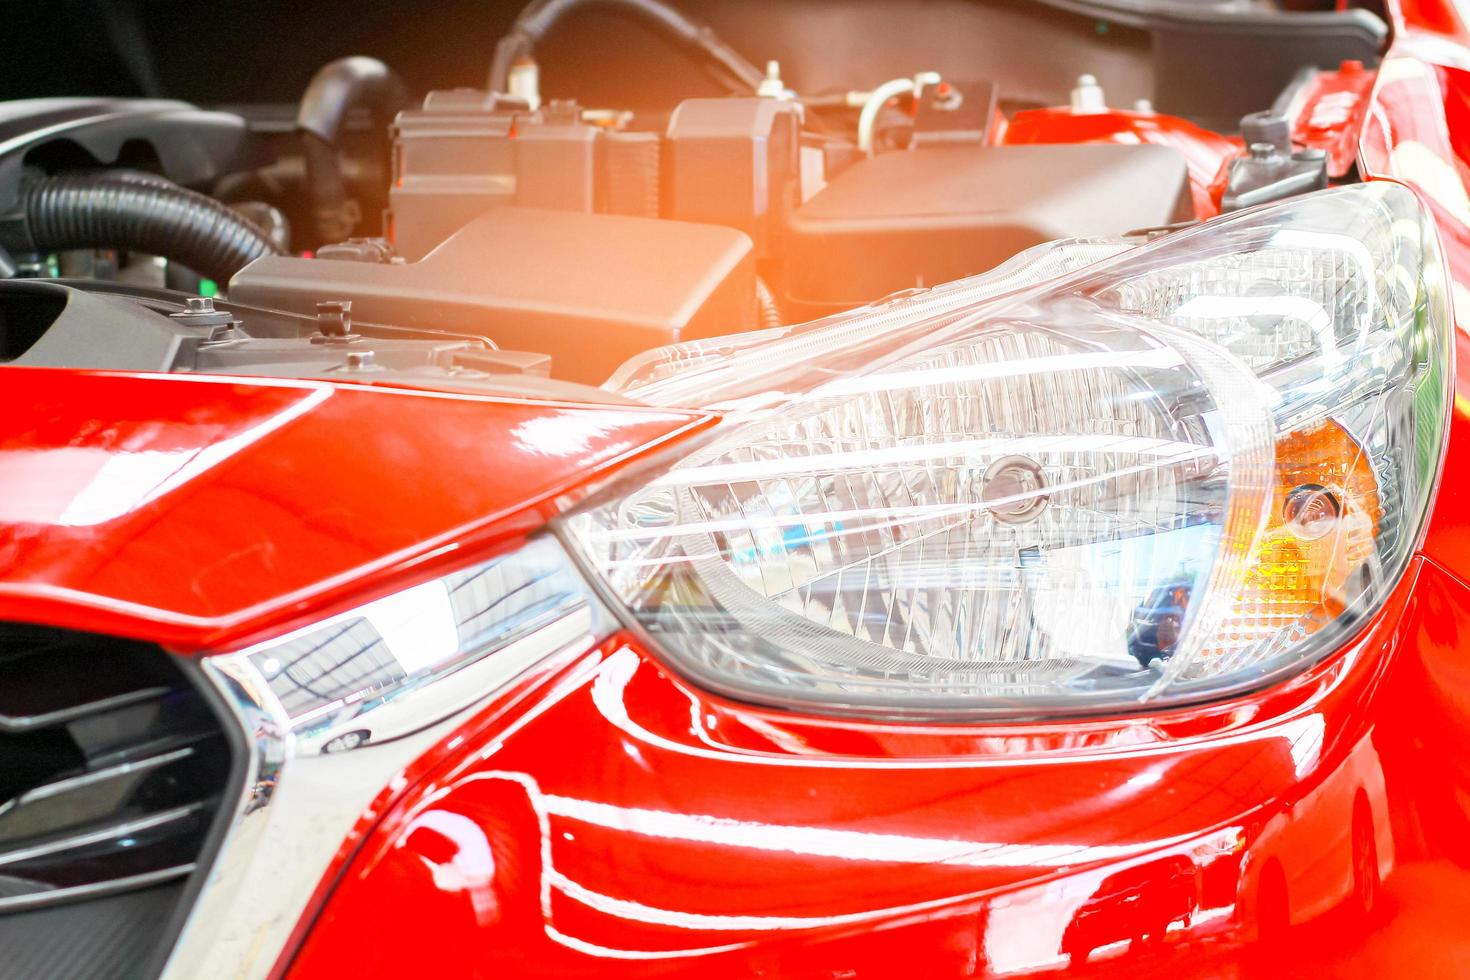 motore di un nuovo modello di auto foto